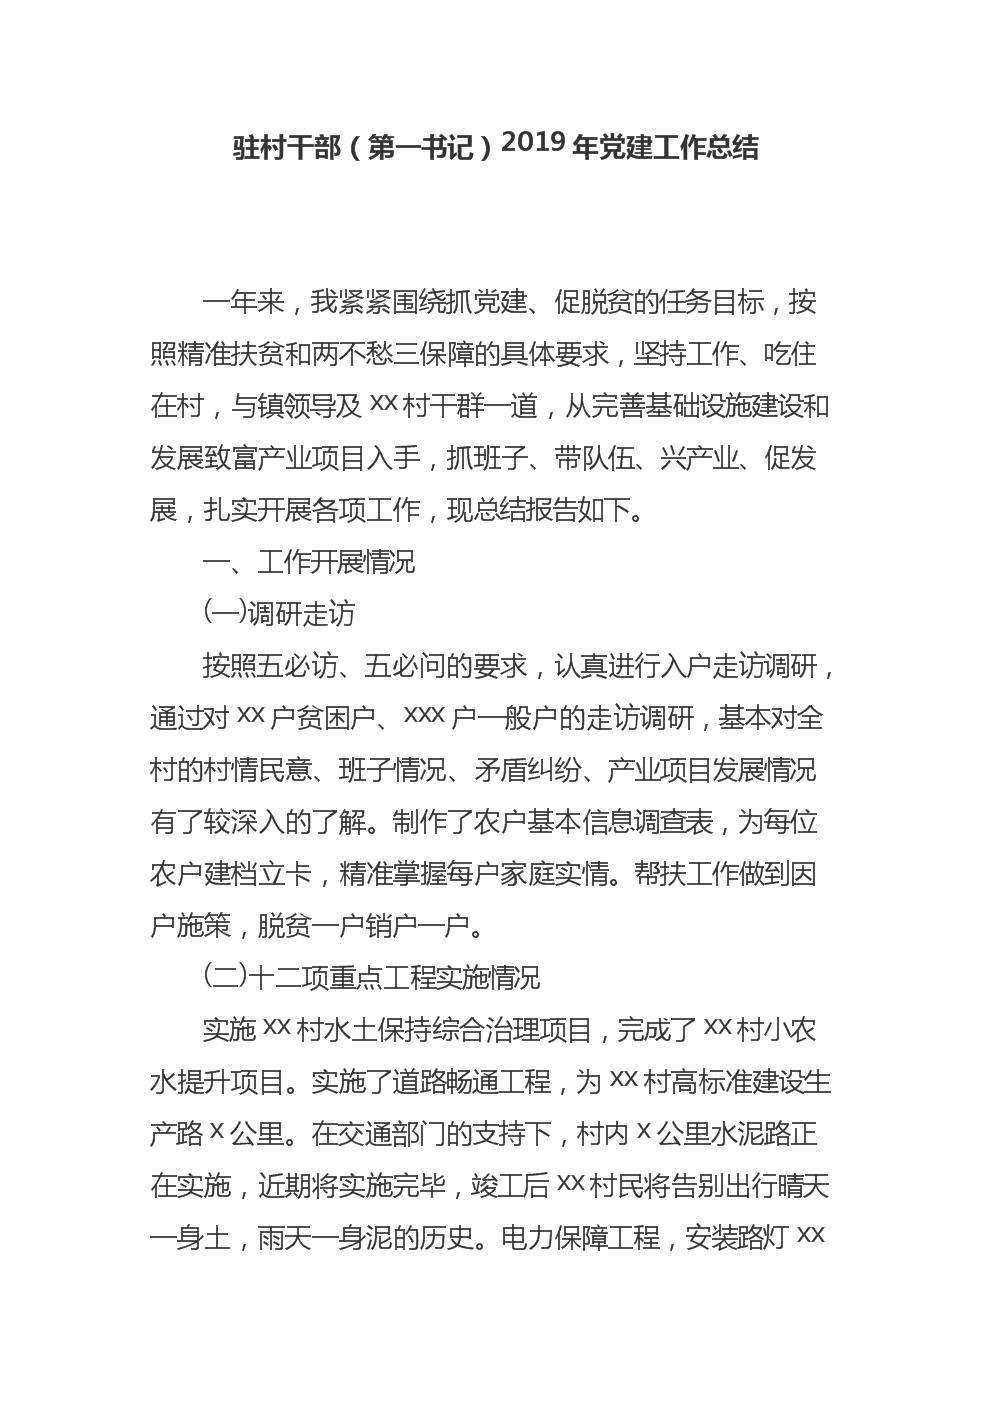 驻村干部(第一书记)2019年党建工作总结.docx